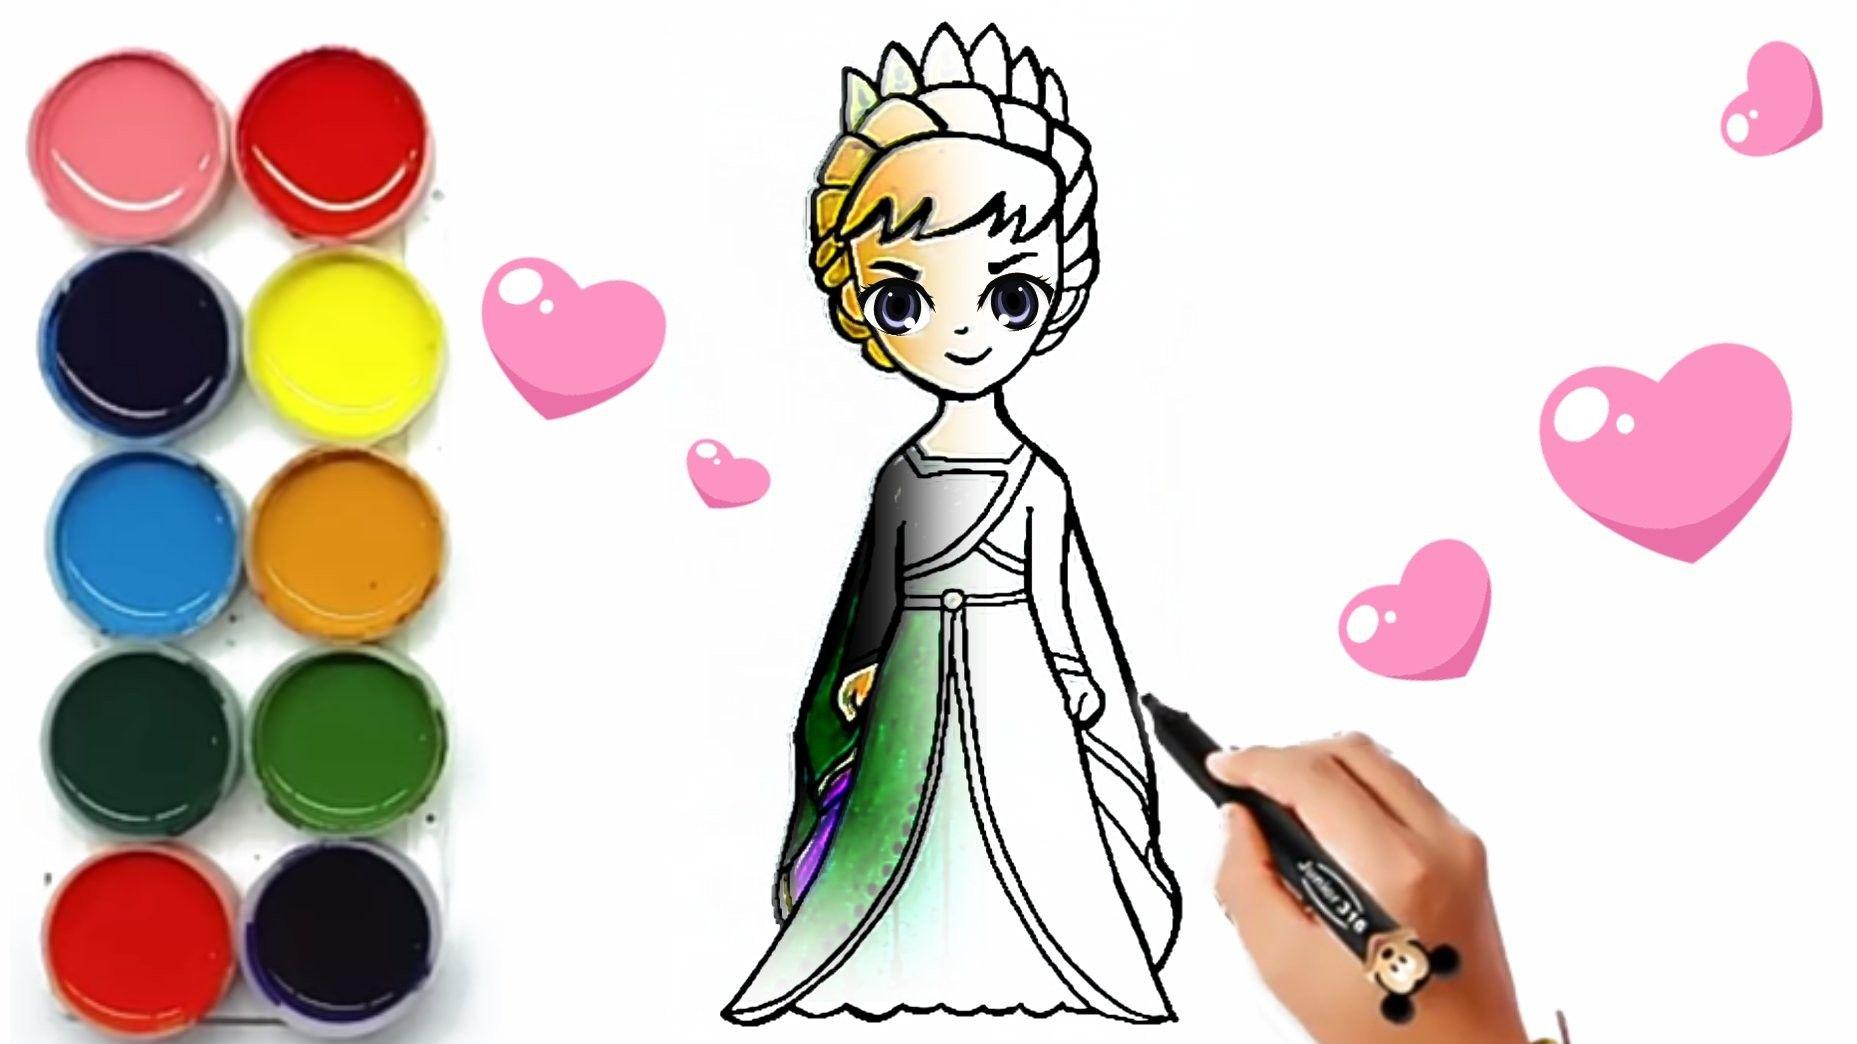 Menggambar Queen Anna Frozen 2 Mata Berkedip Menyenangkan Princess Cartoon Cartoon Drawings Cartoon Drawings Easy